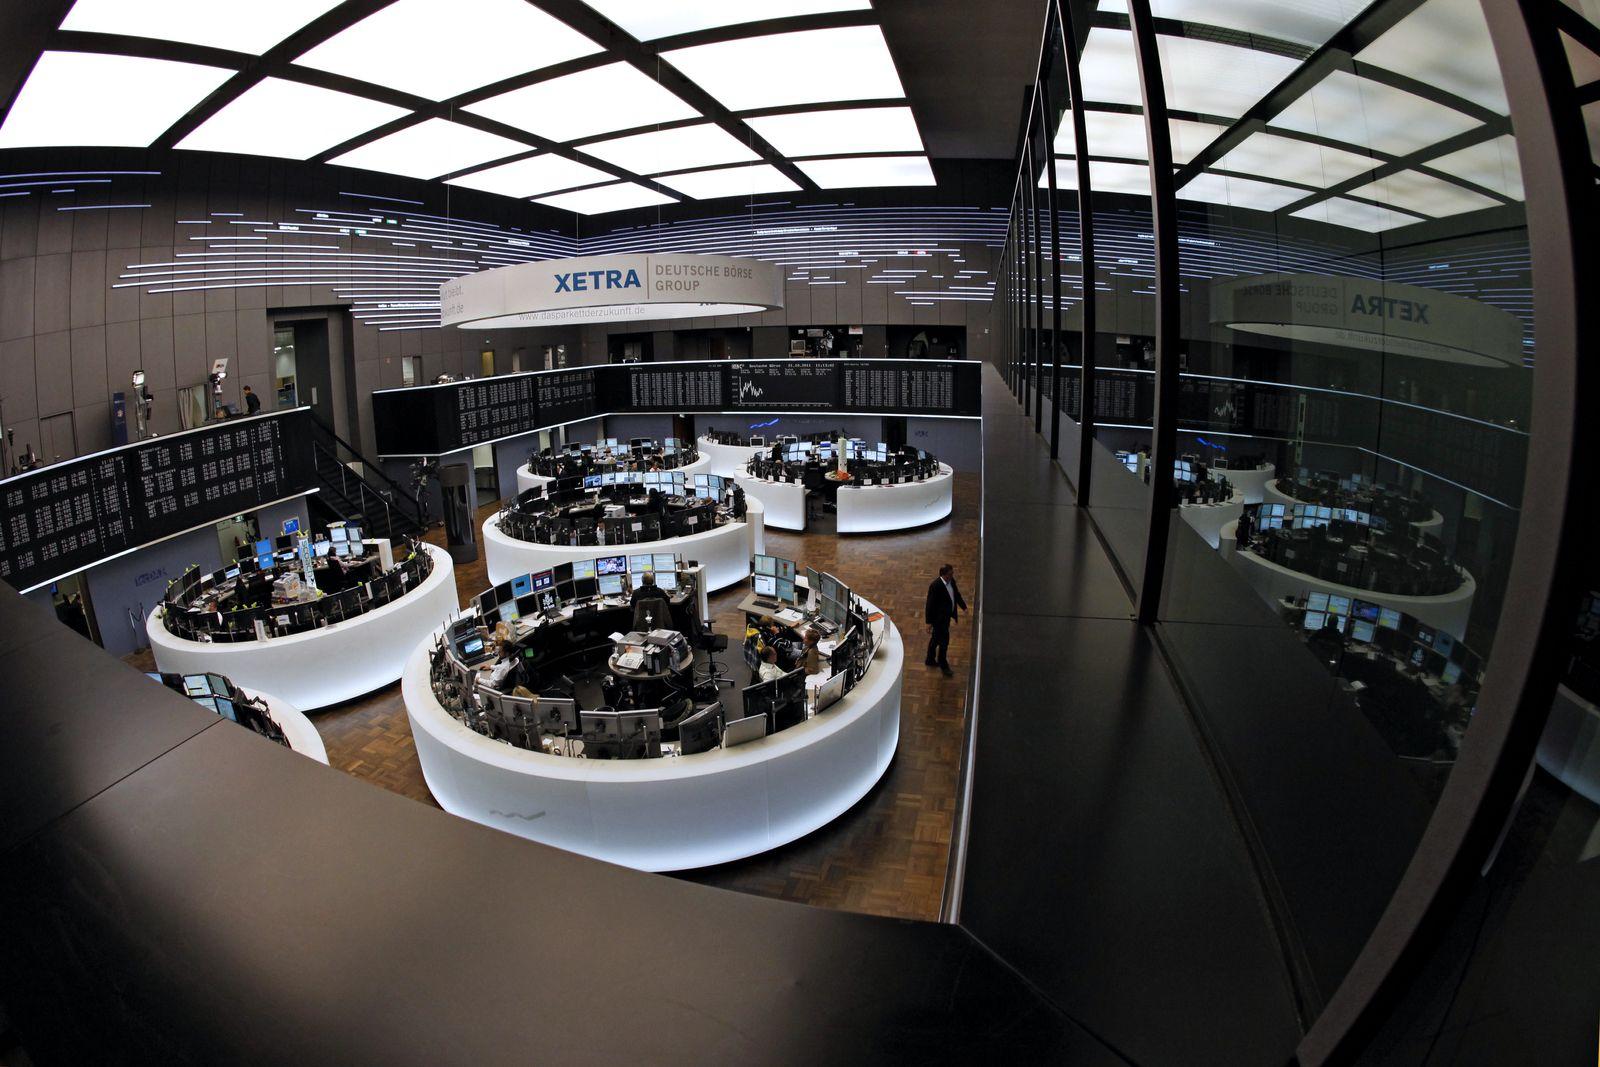 NICHT VERWENDEN Börsen / Finanzen / Aktien / Börse Frankfurt